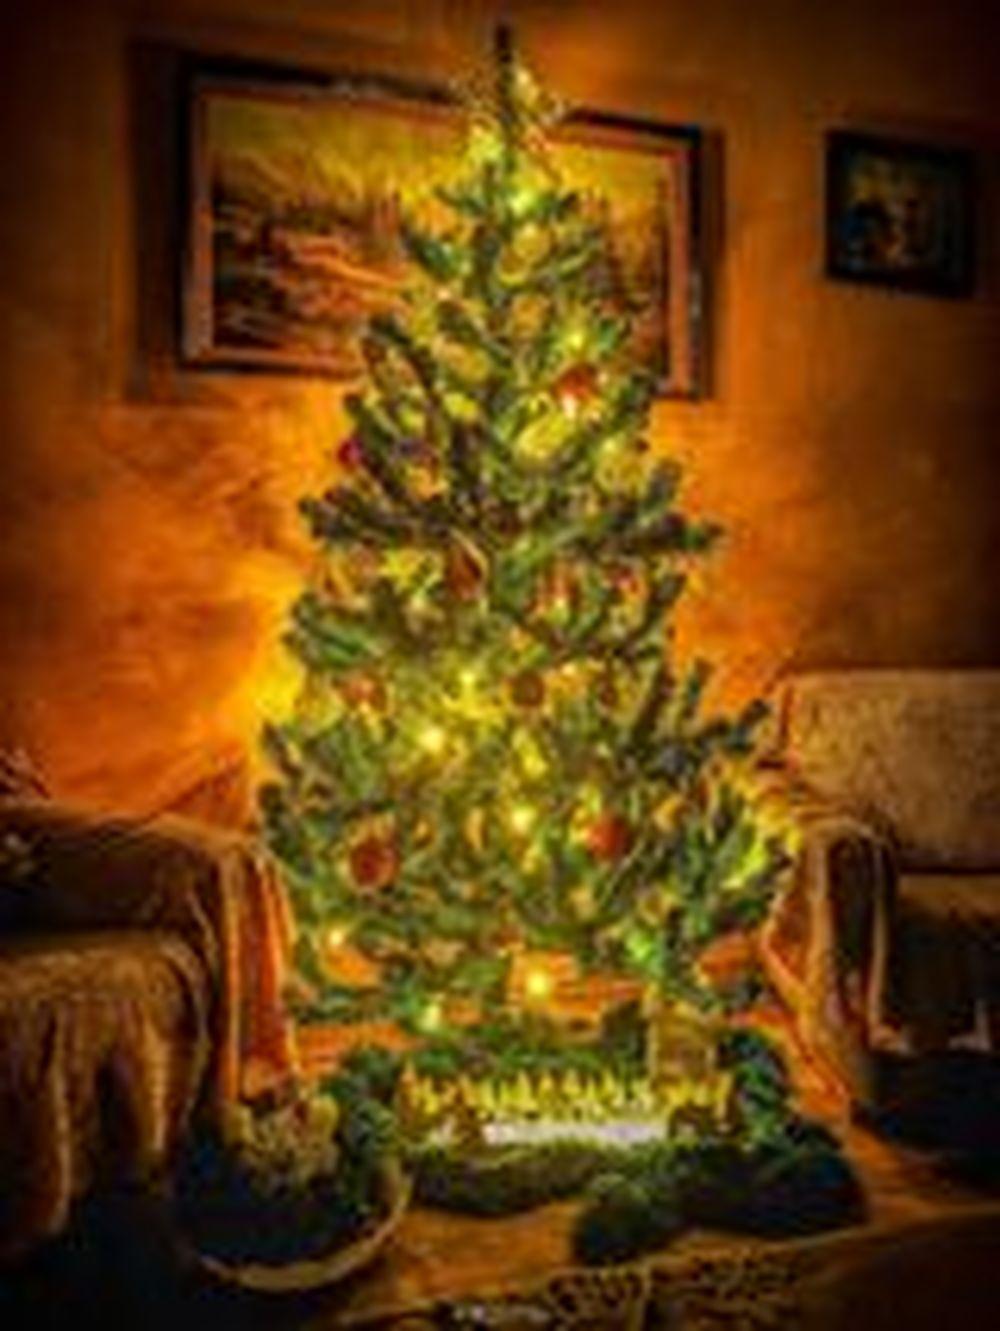 FOTO: Vianočné stromčeky v Žiline - výber fotografií našich čitateľov, foto 19